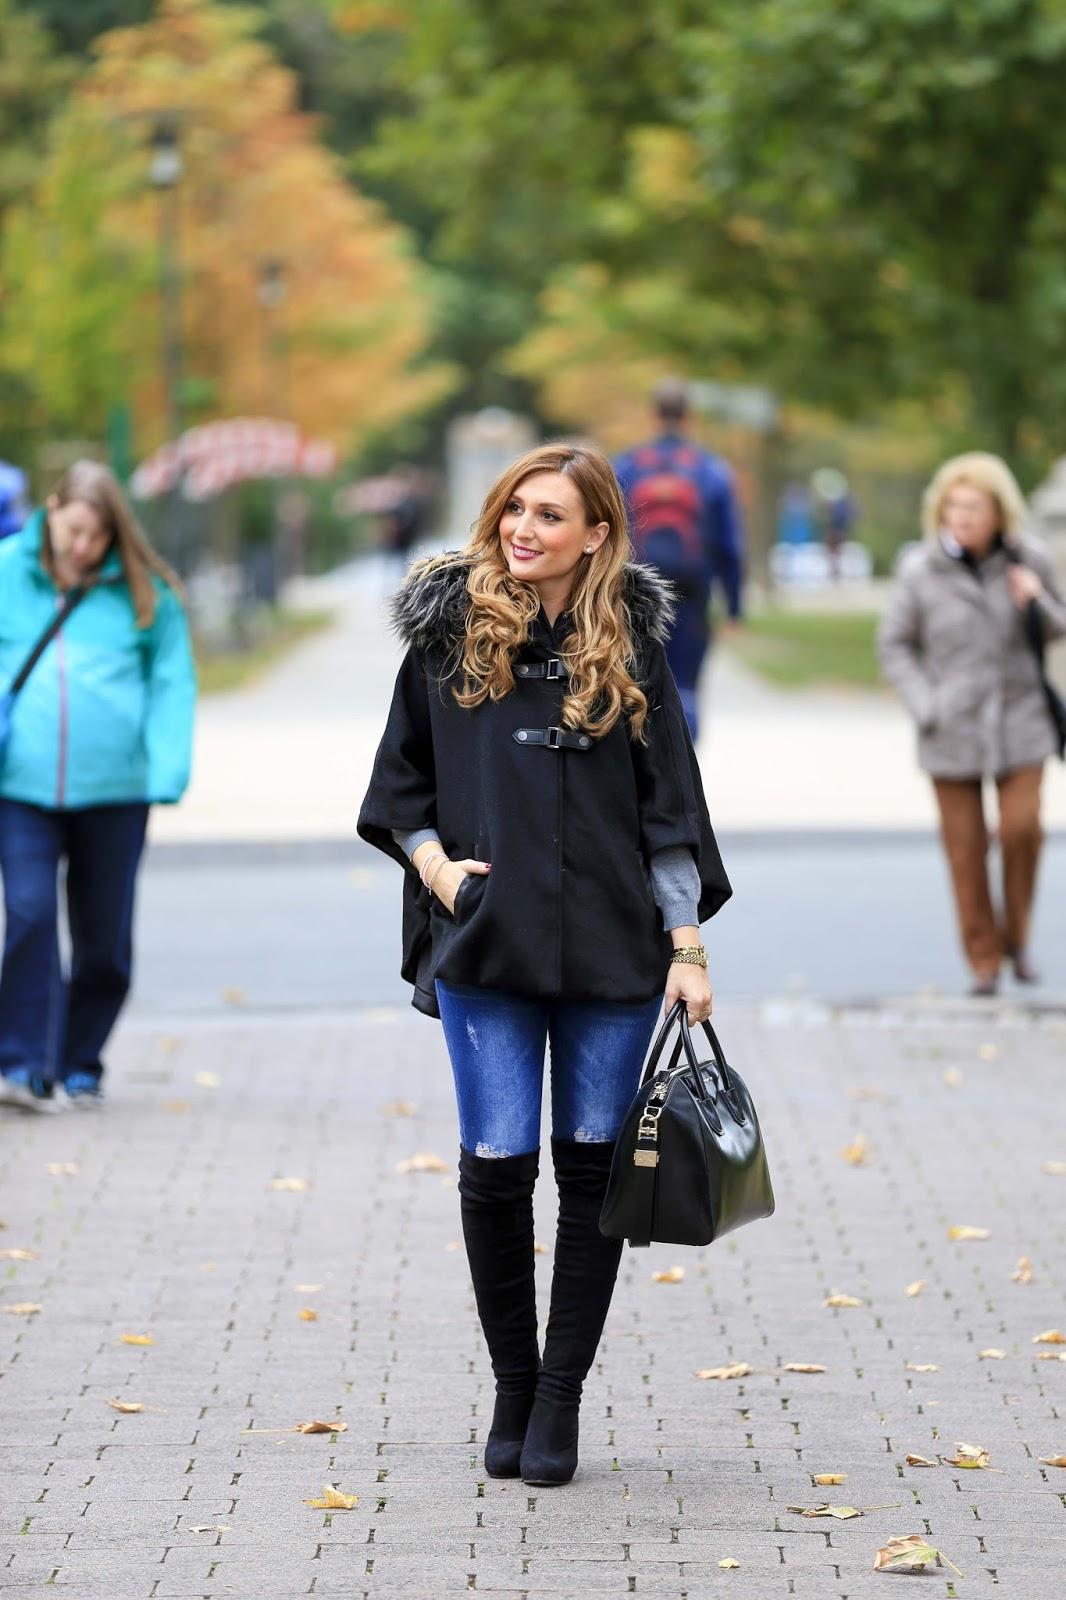 was zieht man diesen Winter an-Trend-in-diesem-Winter-Streetstylelook-Blogger-blogger - aus -Deutschland- München-Blogger-Frankfurt-Blogger